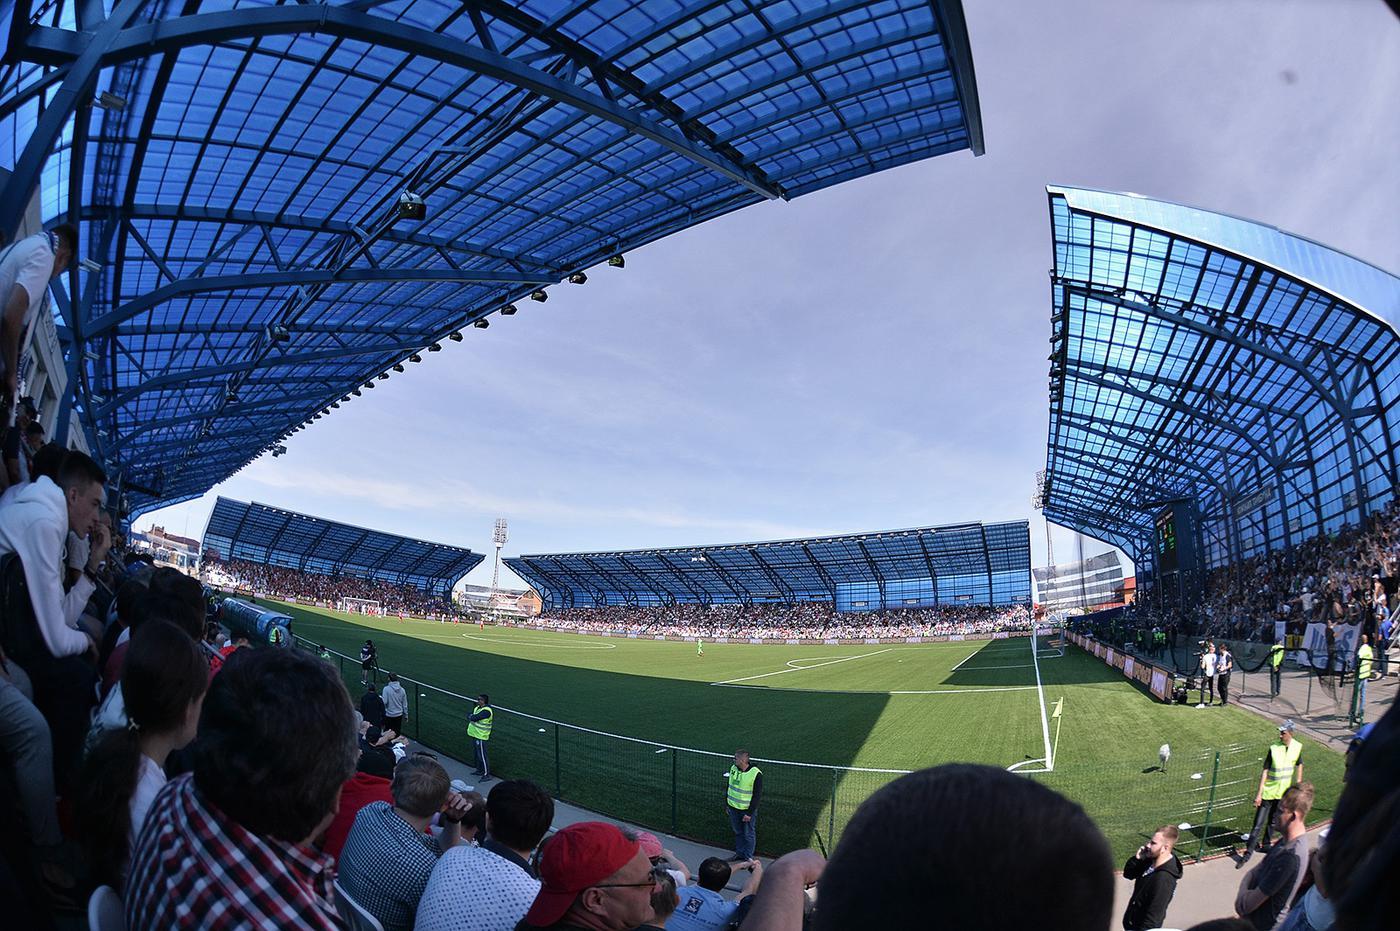 Проблемы «Оренбурга» со стадионом еще не решены, но РФС может изменить регламент - фото